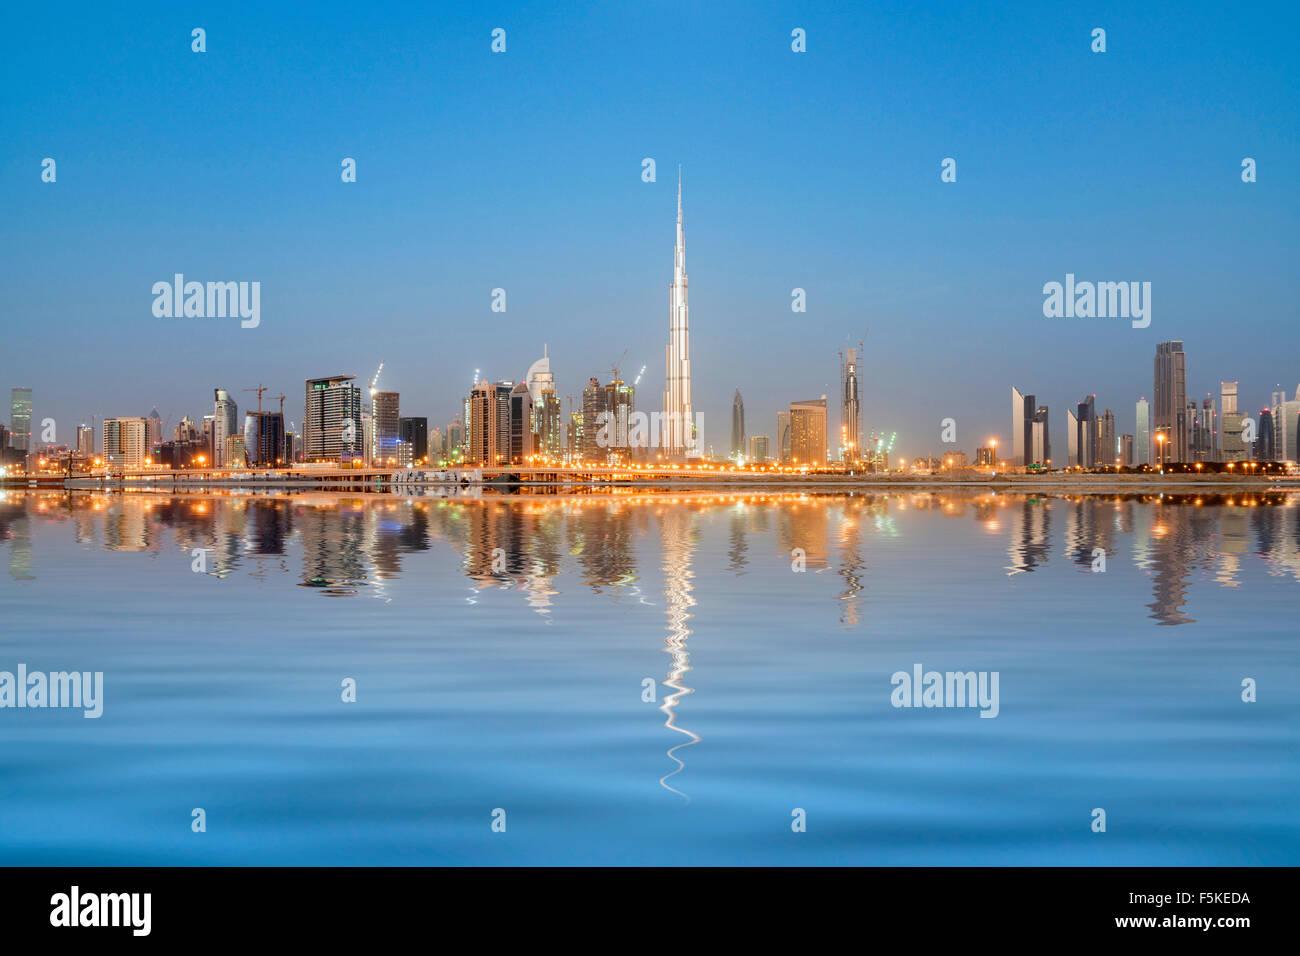 Skyline de tours reflété dans le ruisseau à l'aube dans la baie d'affaires à Dubaï Photo Stock